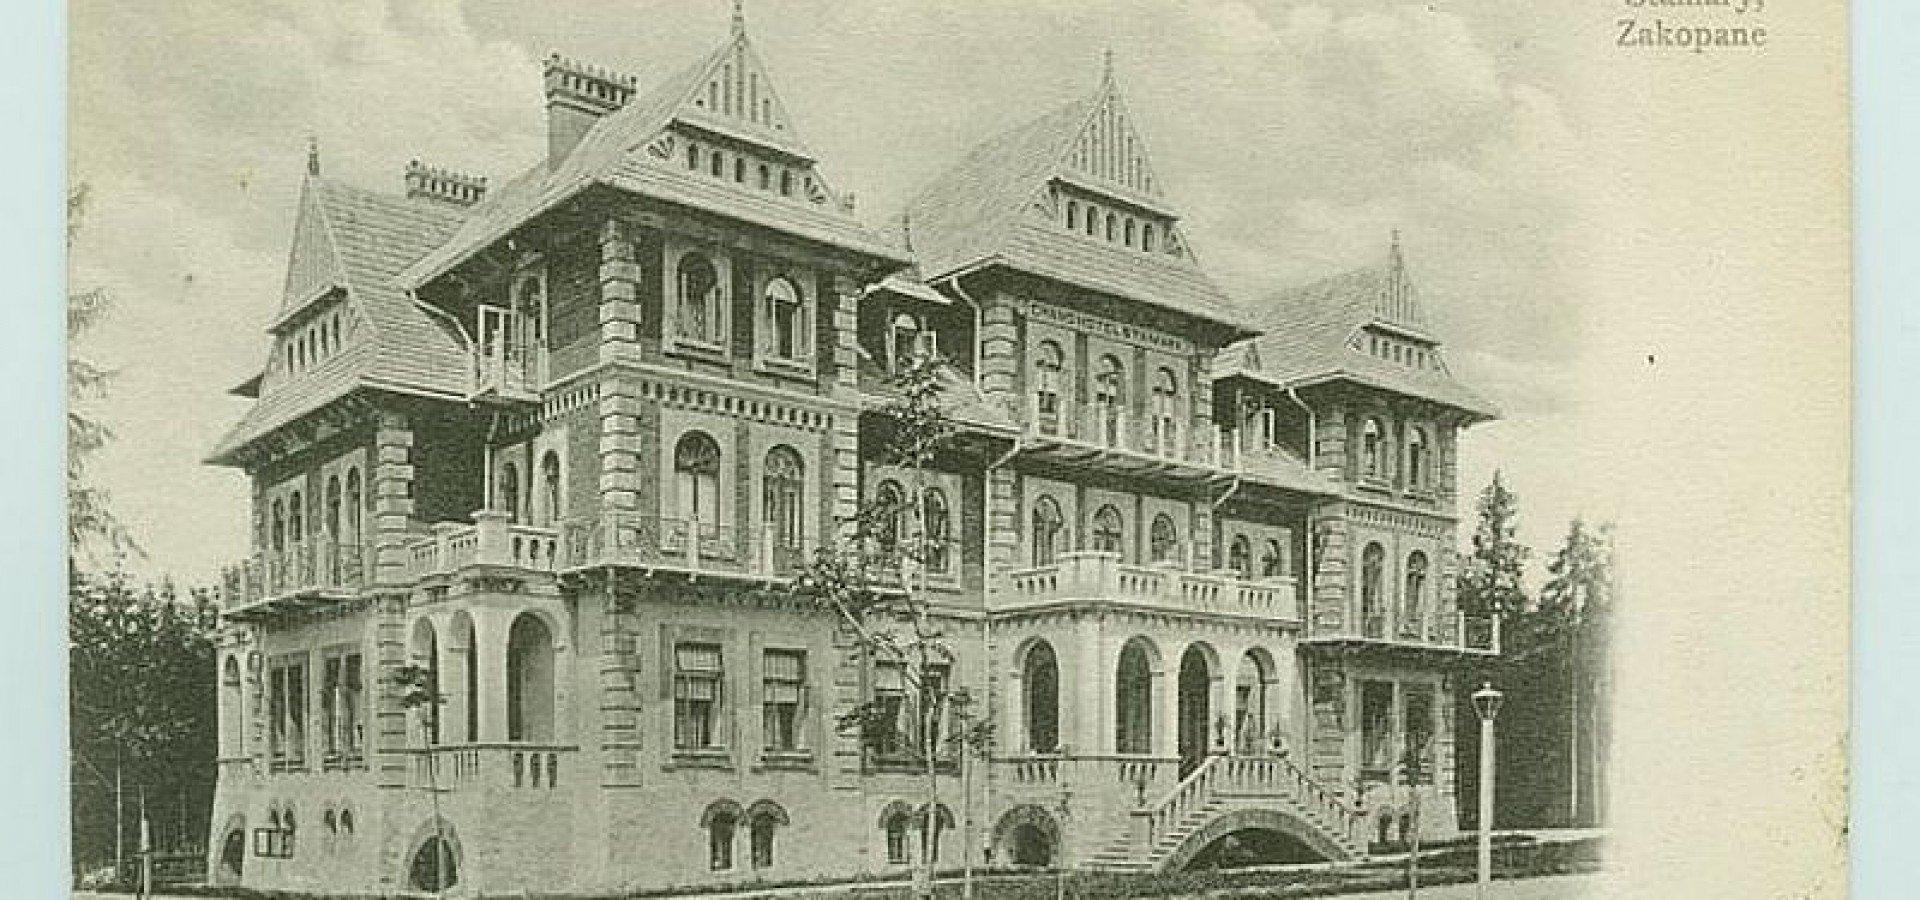 Historia Hotelu Grand Hotel Stamary Zakopane